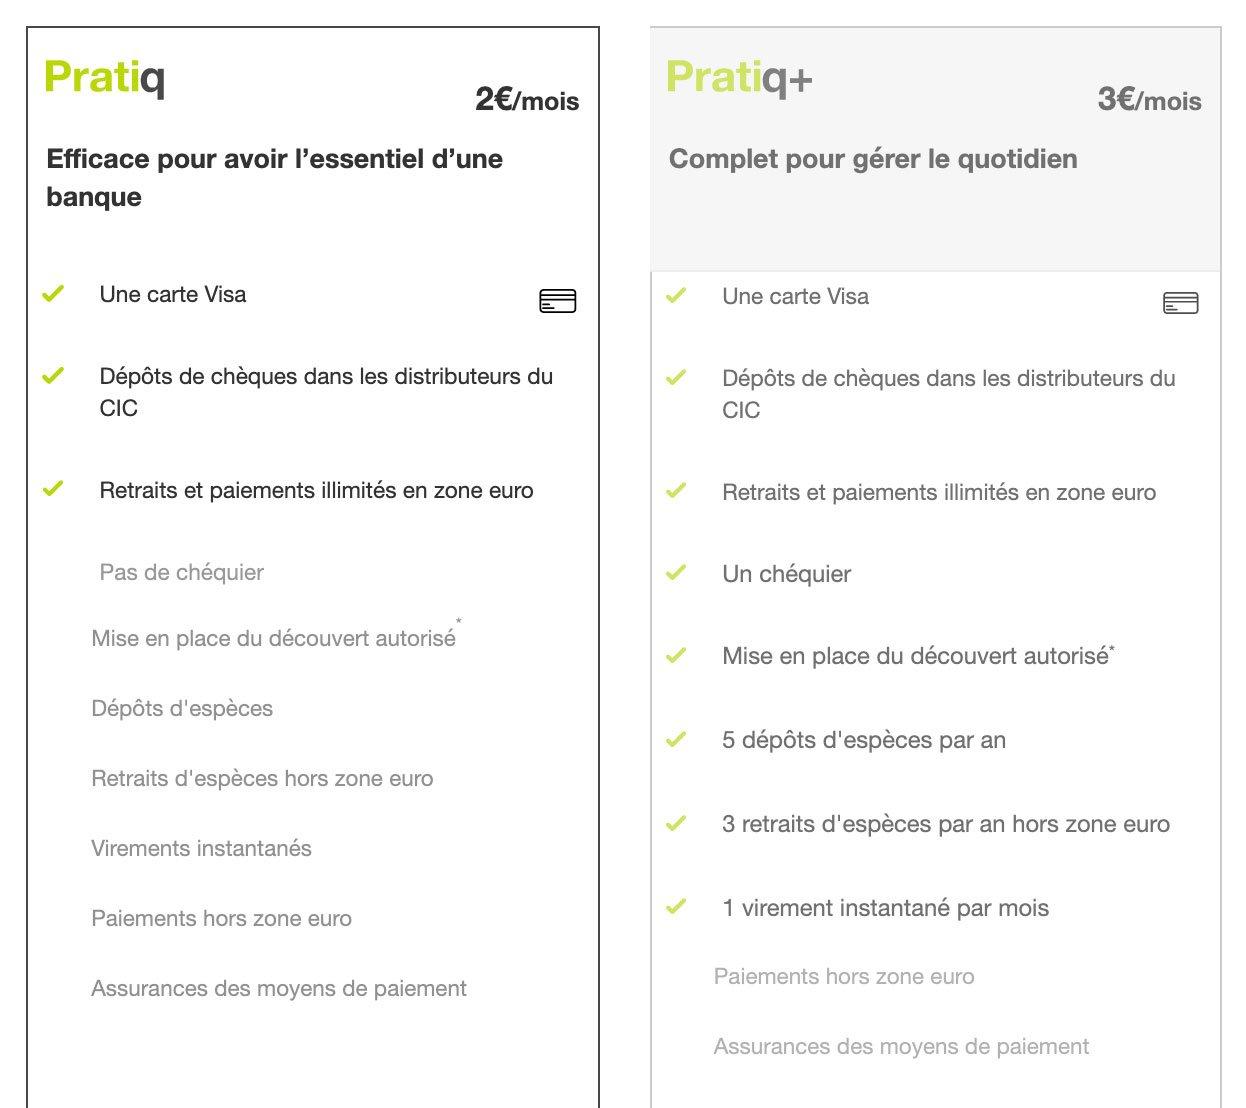 Comparatif Pratiq vs Pratiq+